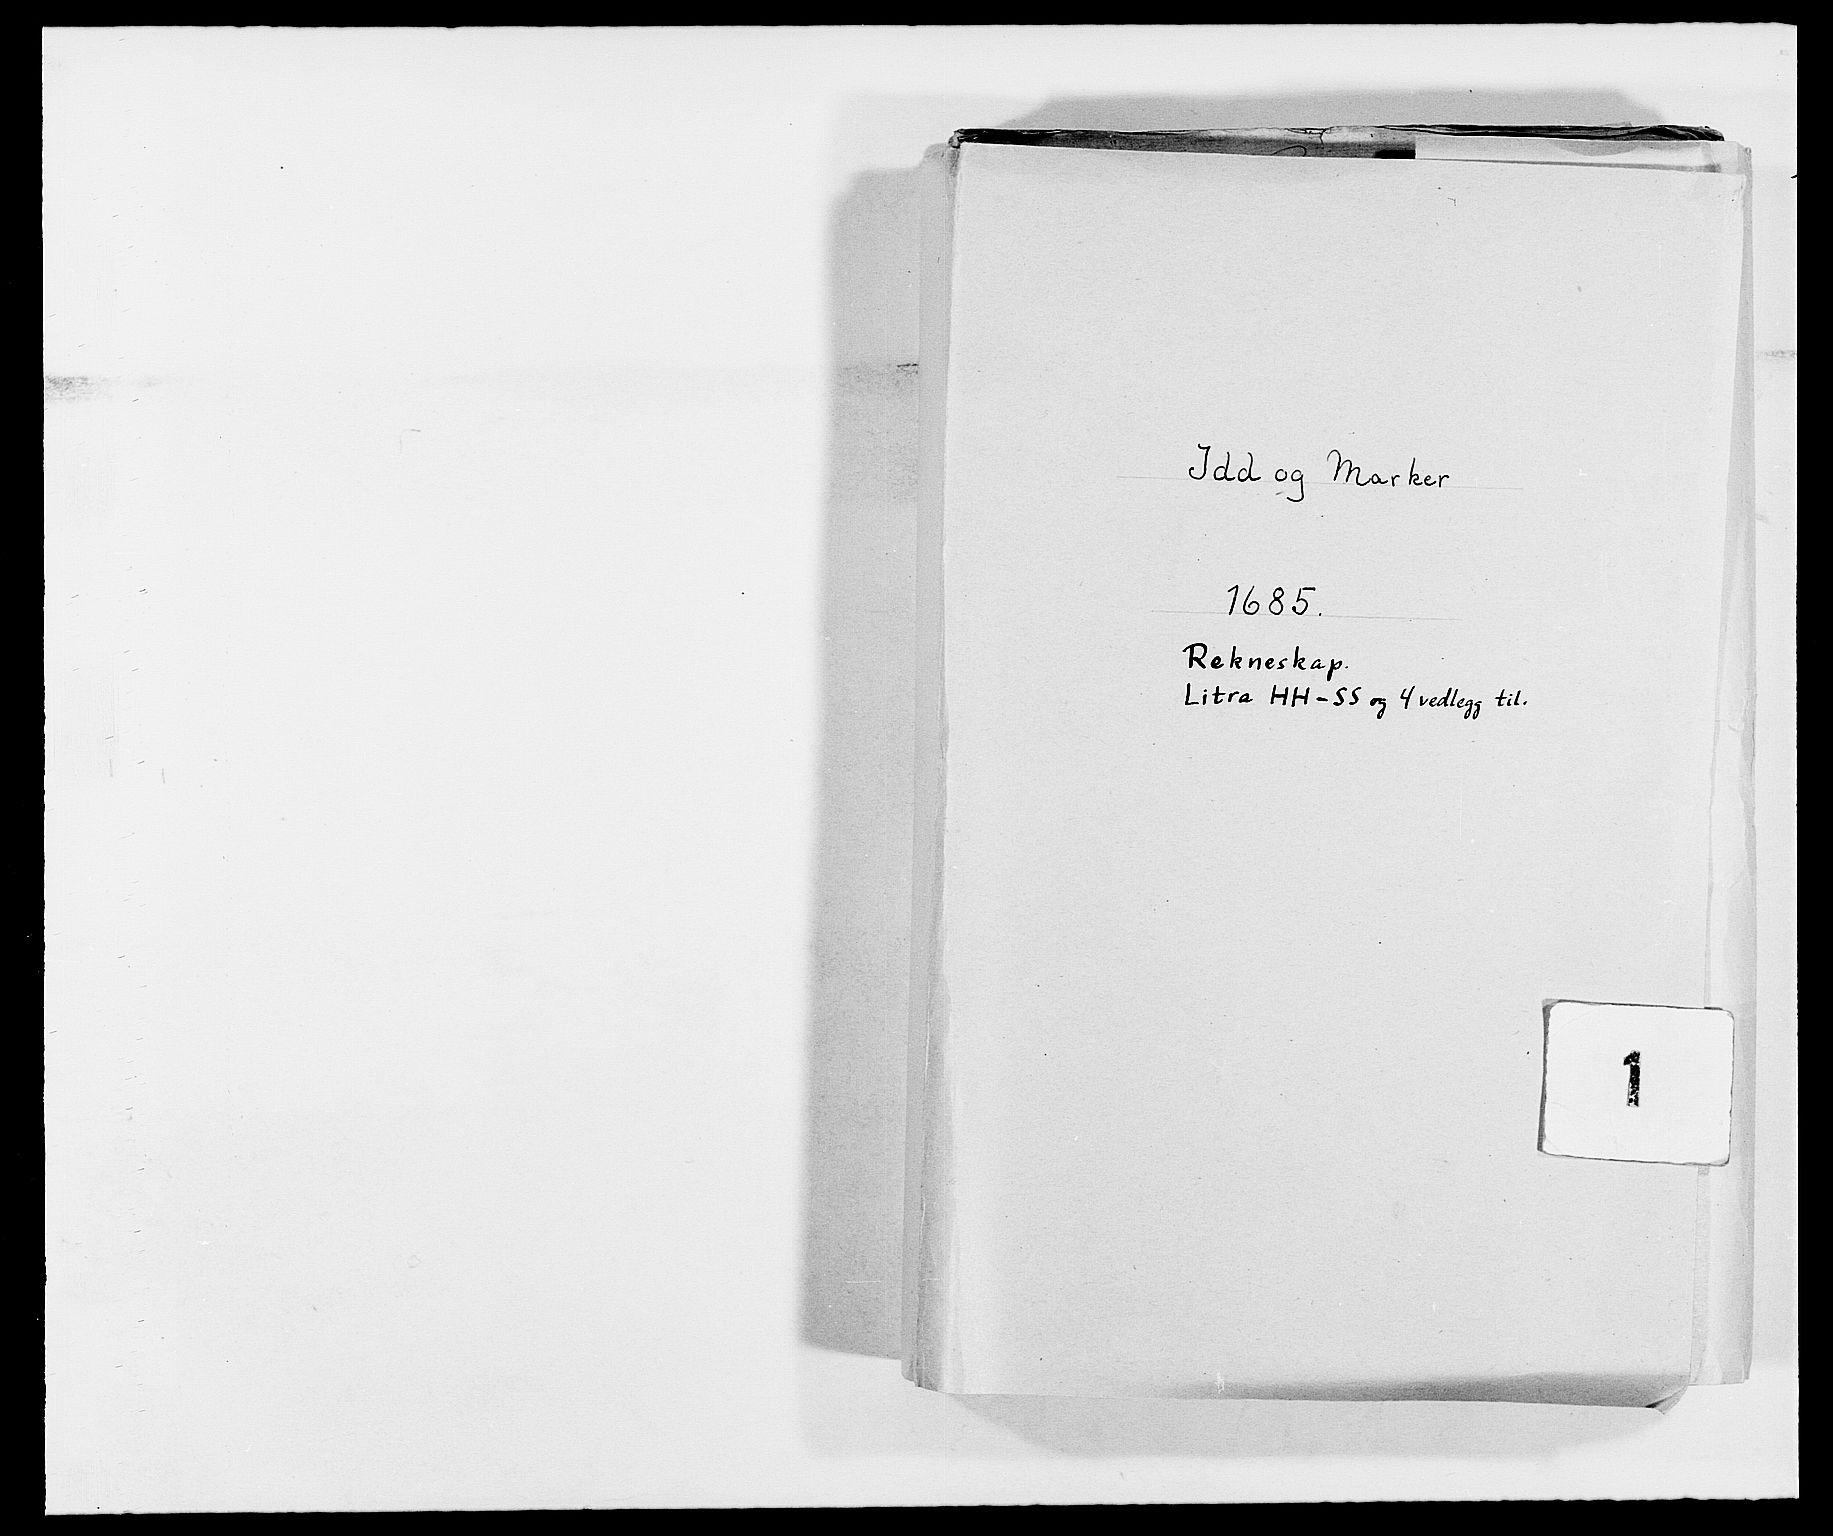 RA, Rentekammeret inntil 1814, Reviderte regnskaper, Fogderegnskap, R01/L0006: Fogderegnskap Idd og Marker, 1685-1686, s. 1